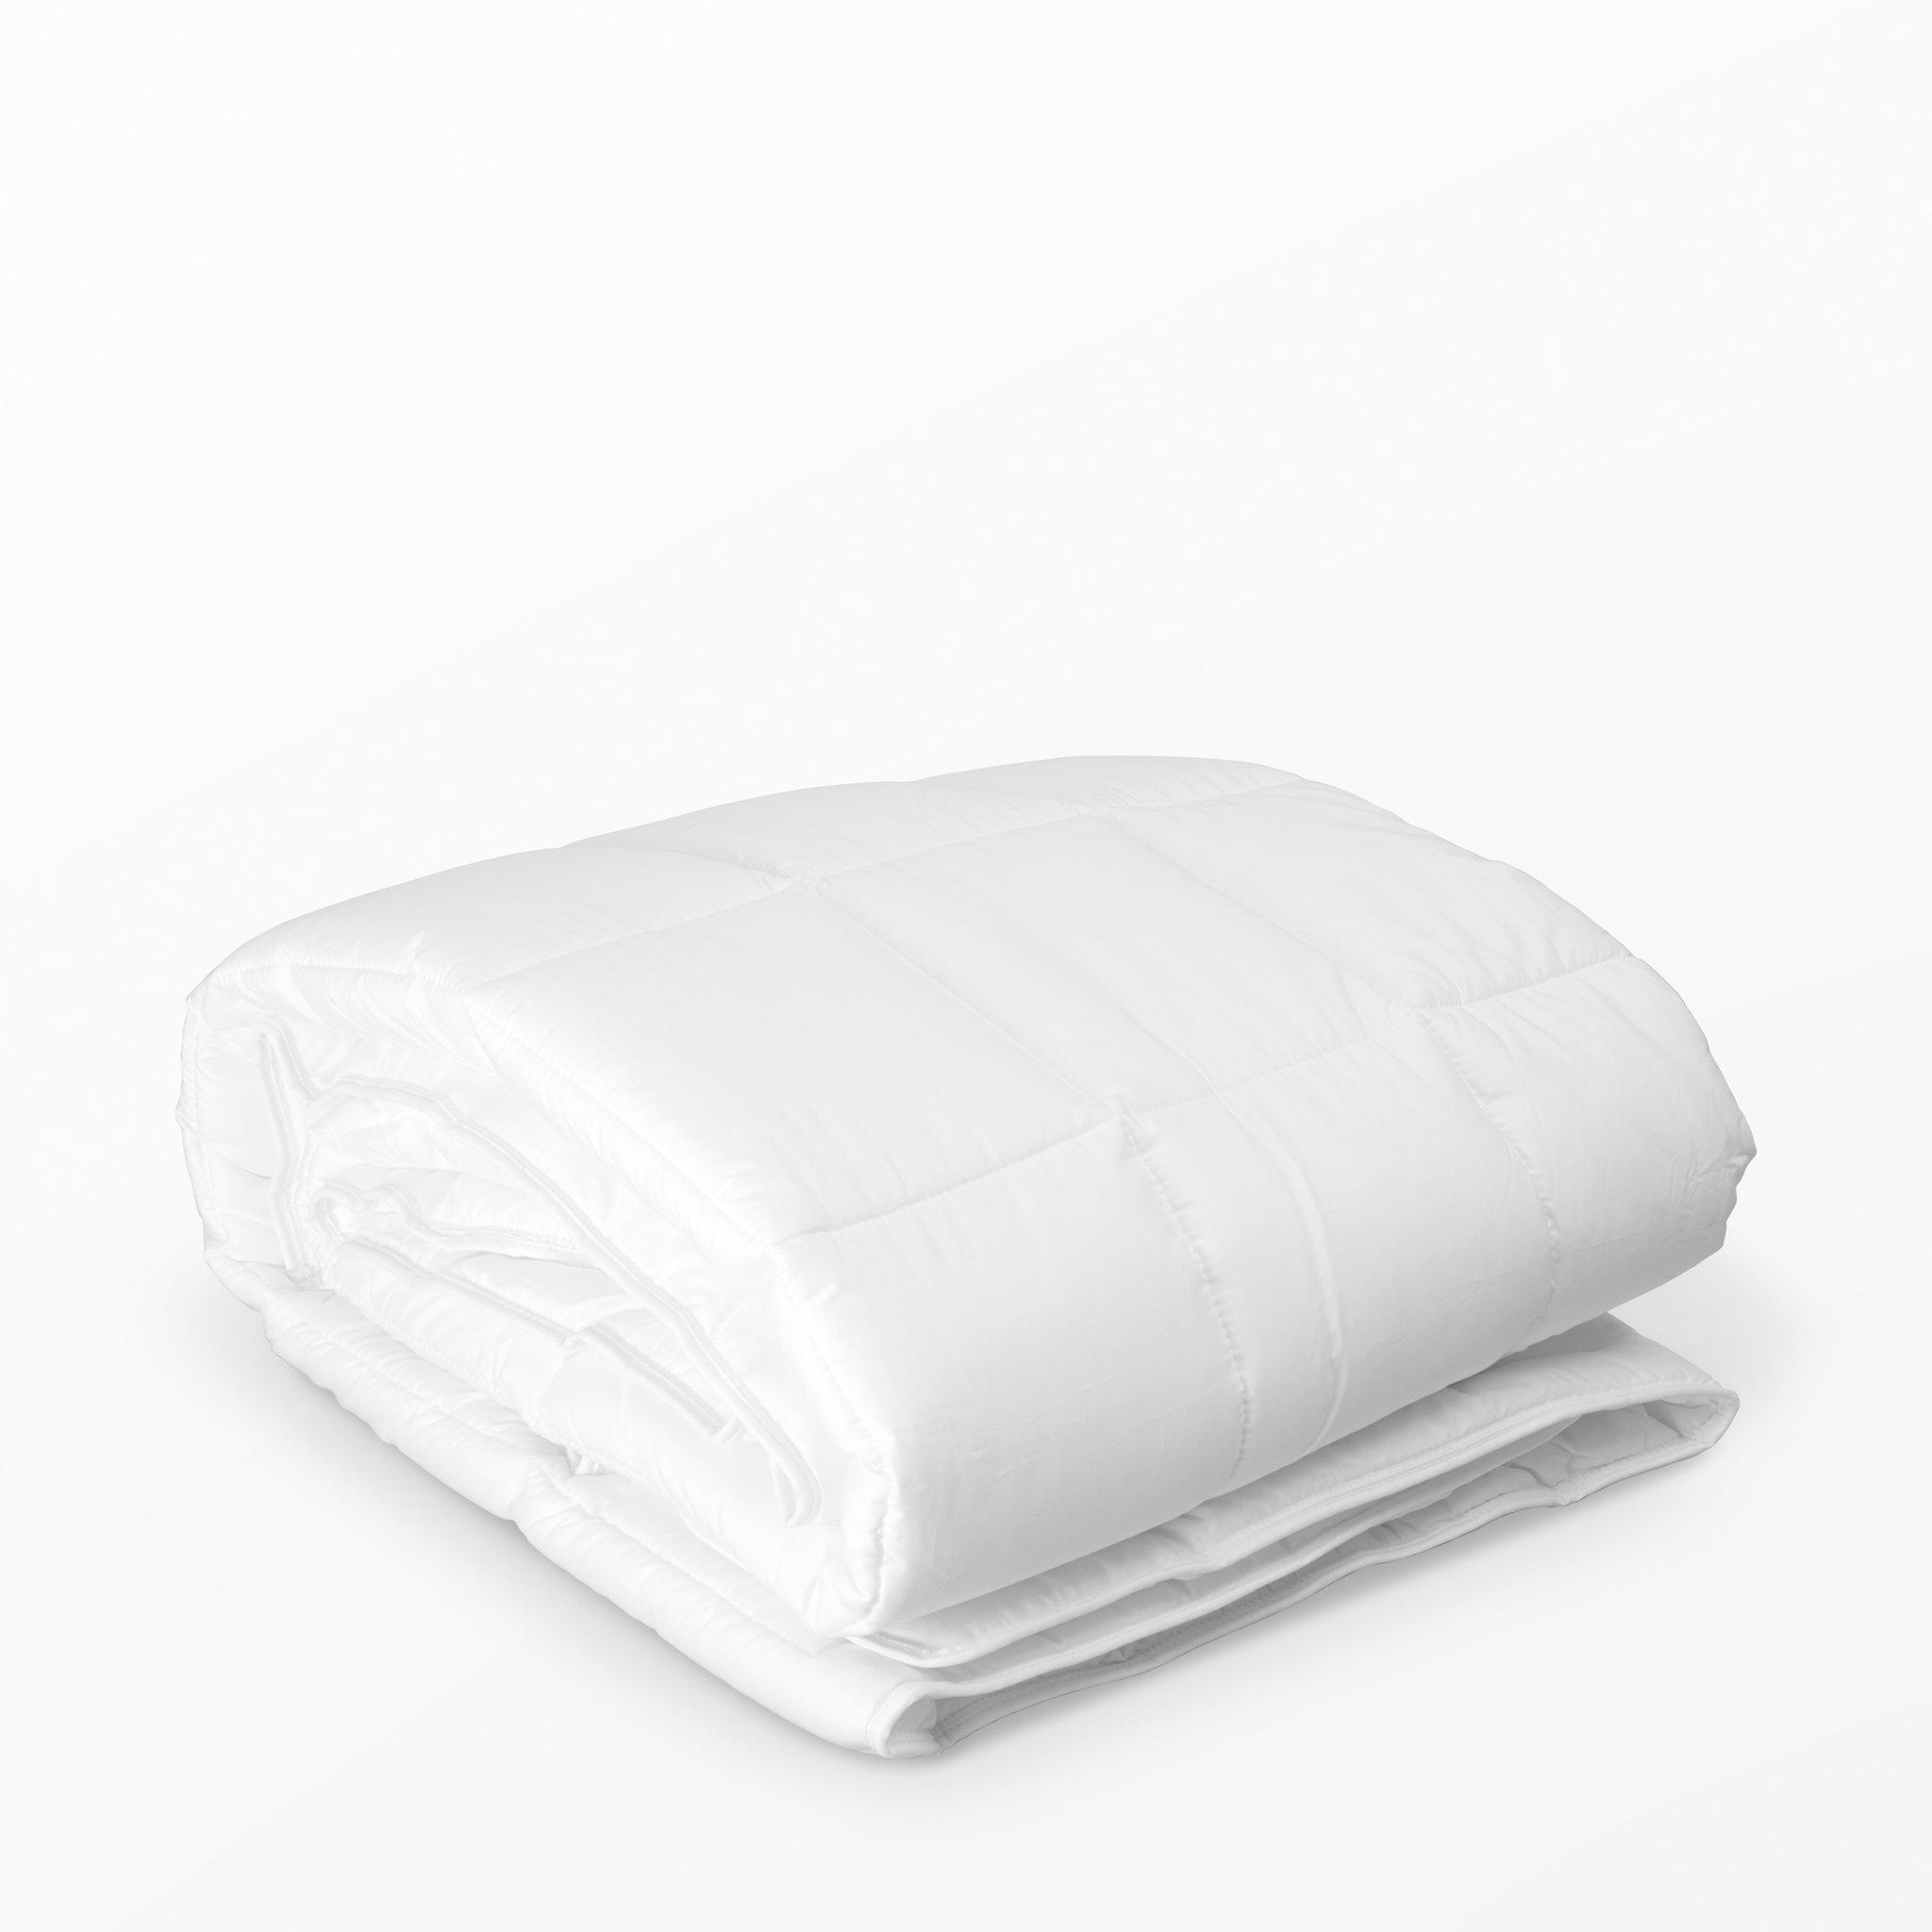 köpa täcke online